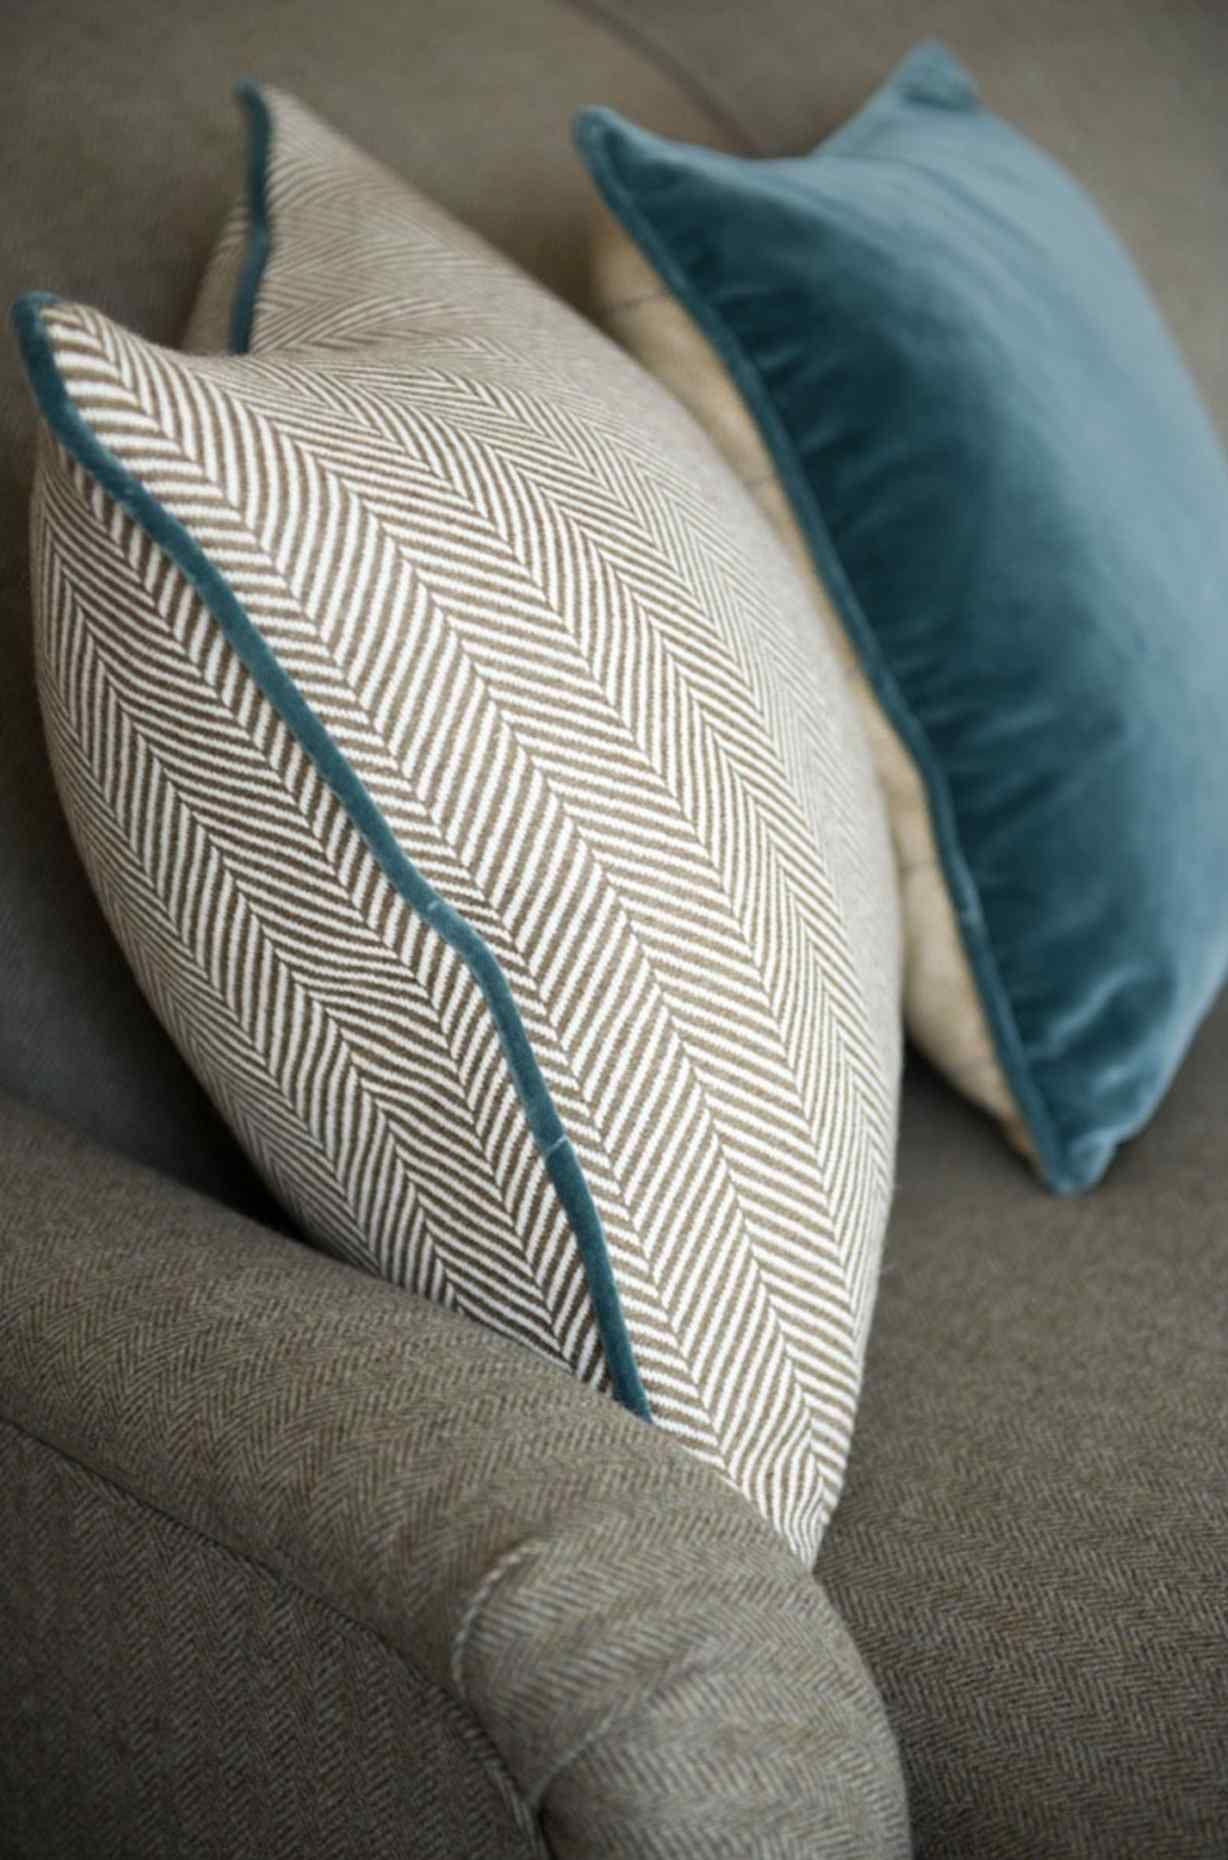 Teasel England cushions